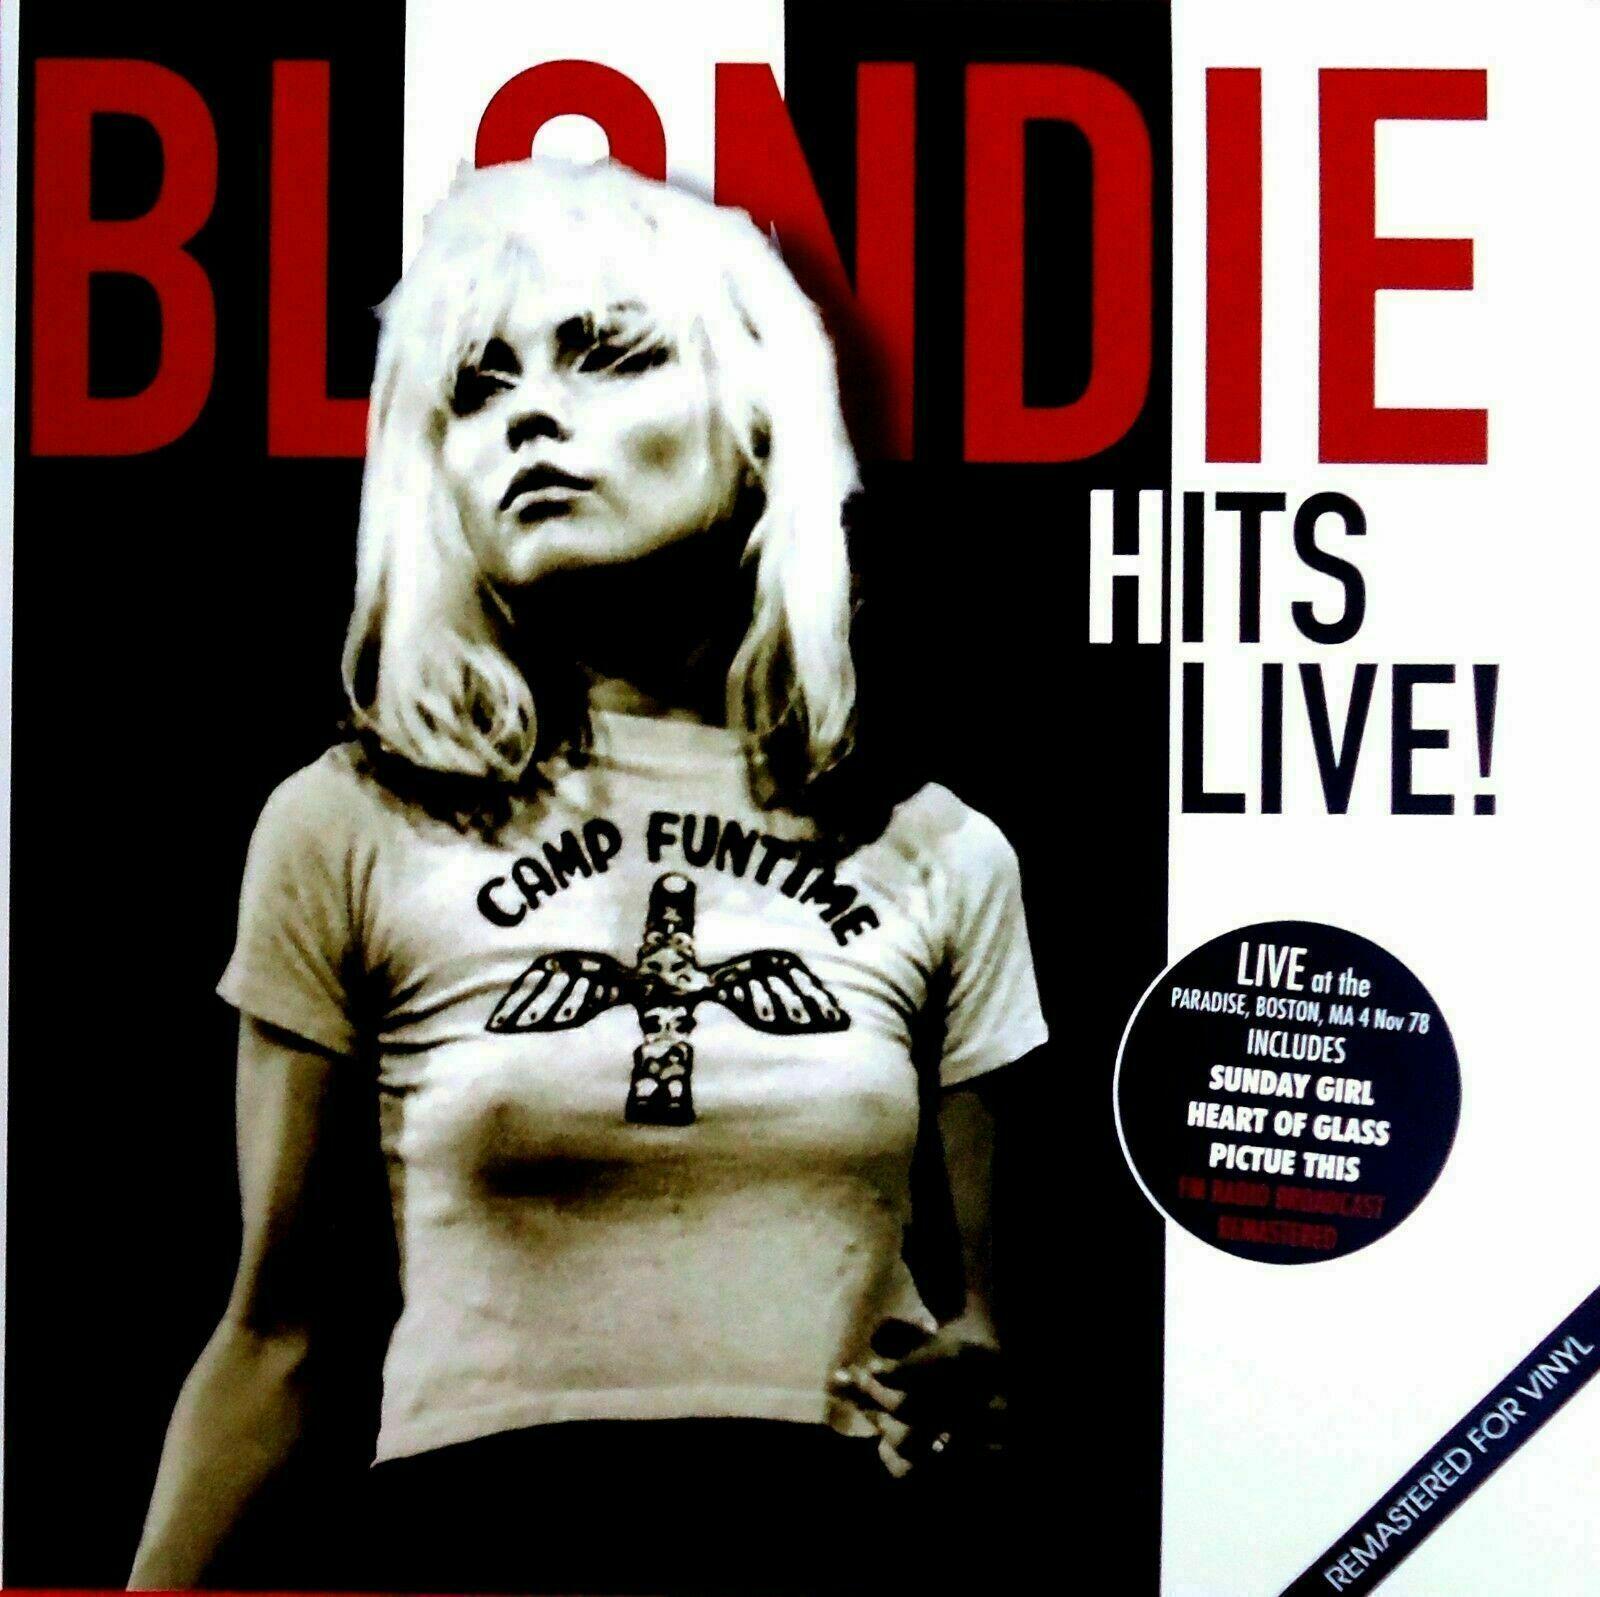 Blondie - Hits Live! (Vinyl, LP)